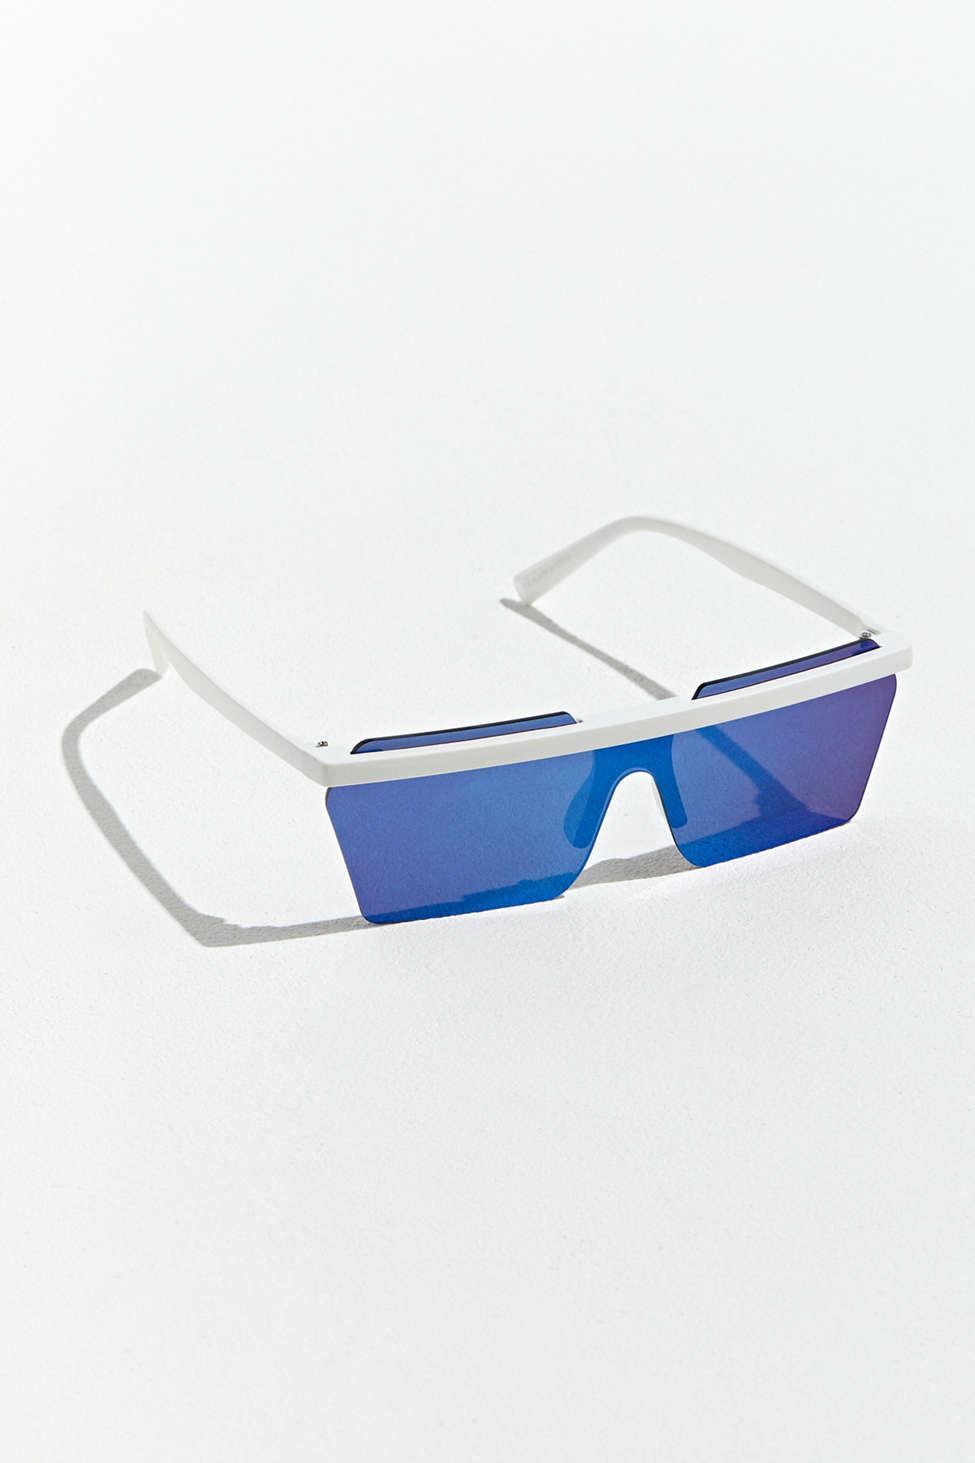 488d2d2e16 Lyst - Urban Outfitters Frameless Mod Flat Lens Sport Sunglasses in ...